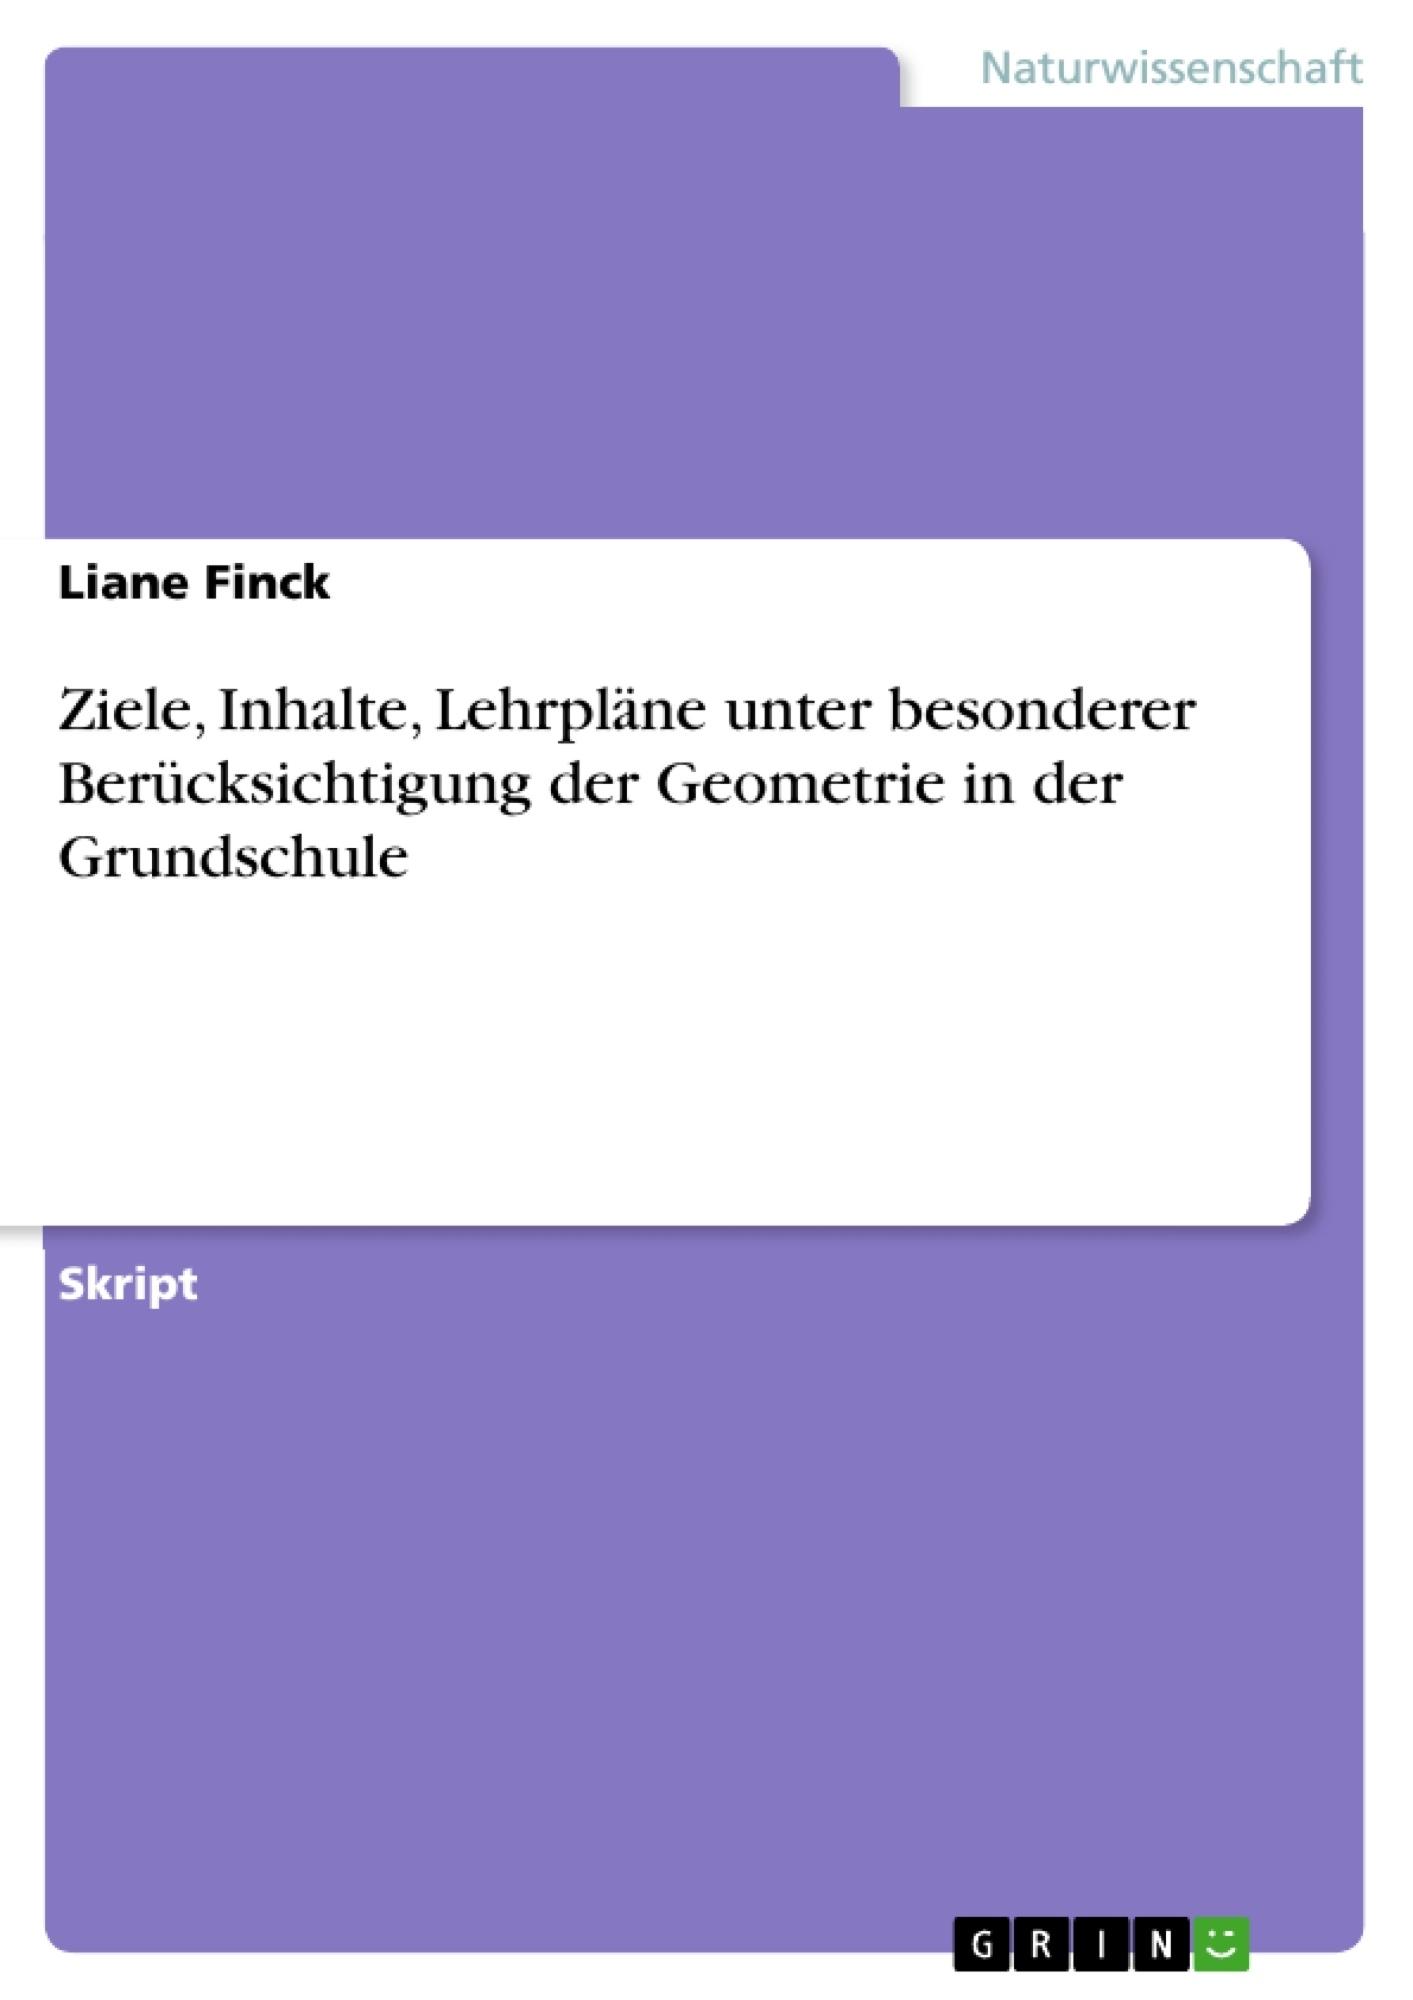 Titel: Ziele, Inhalte, Lehrpläne unter besonderer Berücksichtigung der Geometrie in der Grundschule